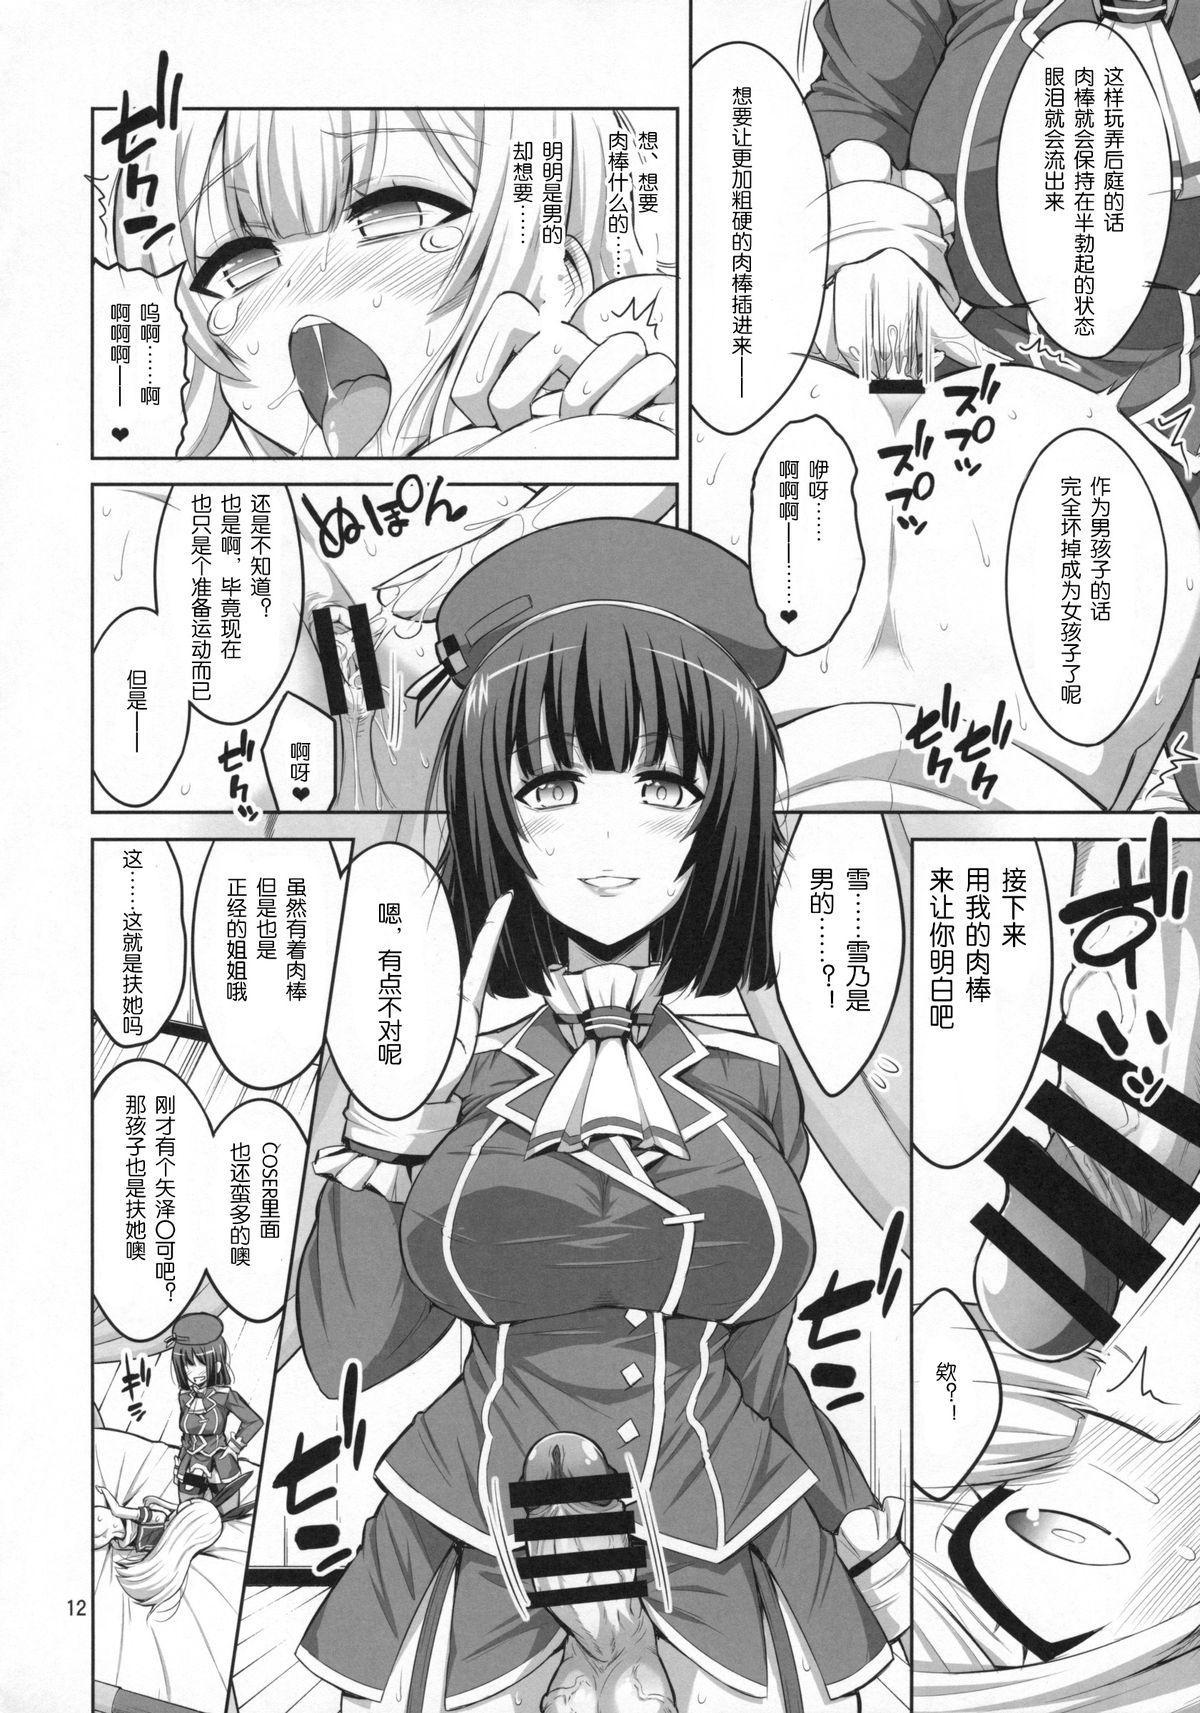 Futanari Onee-san x Otokonoko Cosplayer ♥ Mesu Ochi Choukyou 10